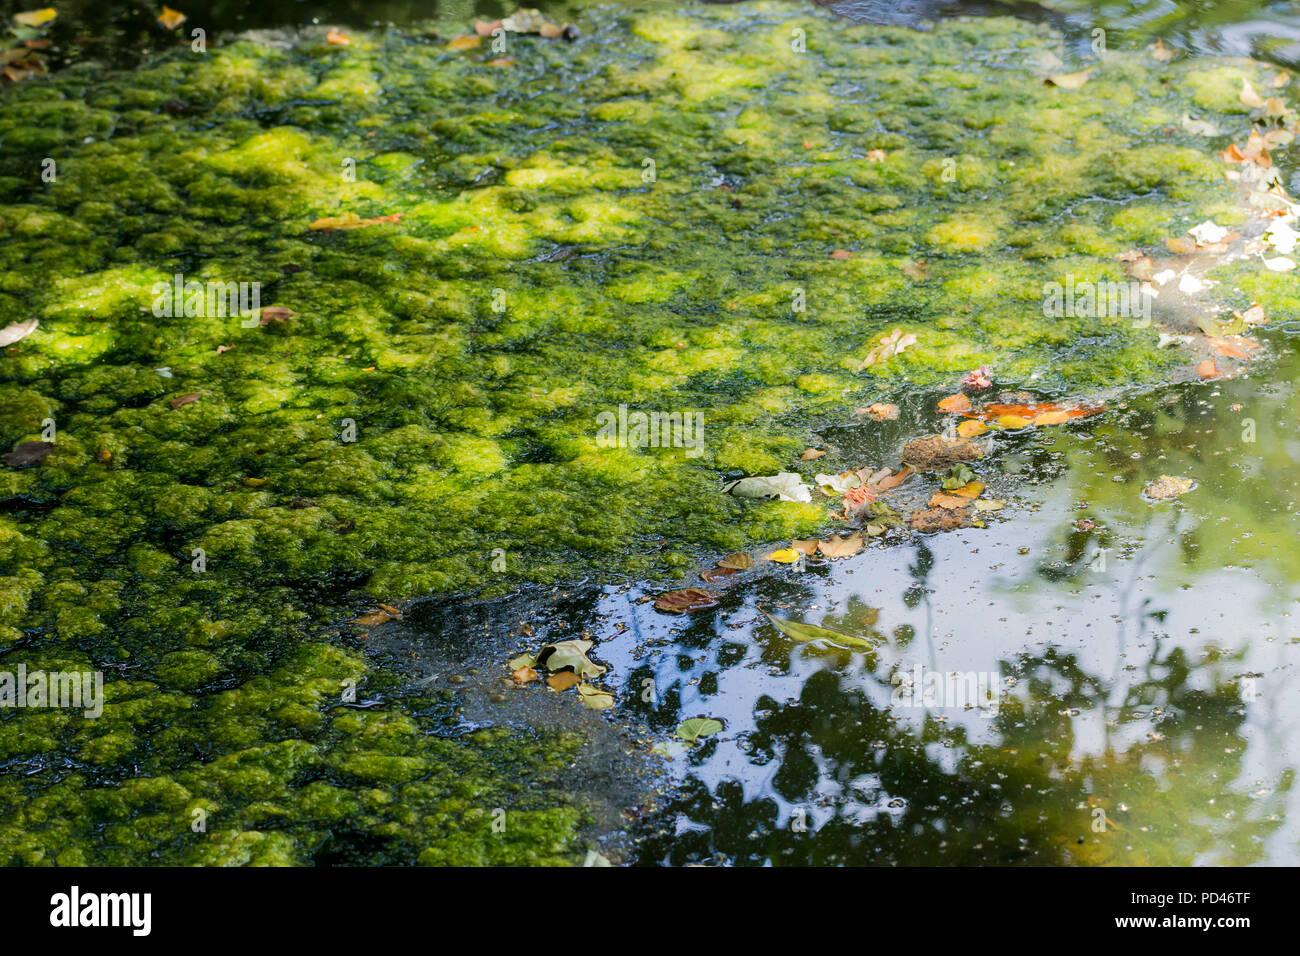 Green algae floating on a lake during the UK heatwave of 2018, Hampshire, England, United Kingdom Stock Photo